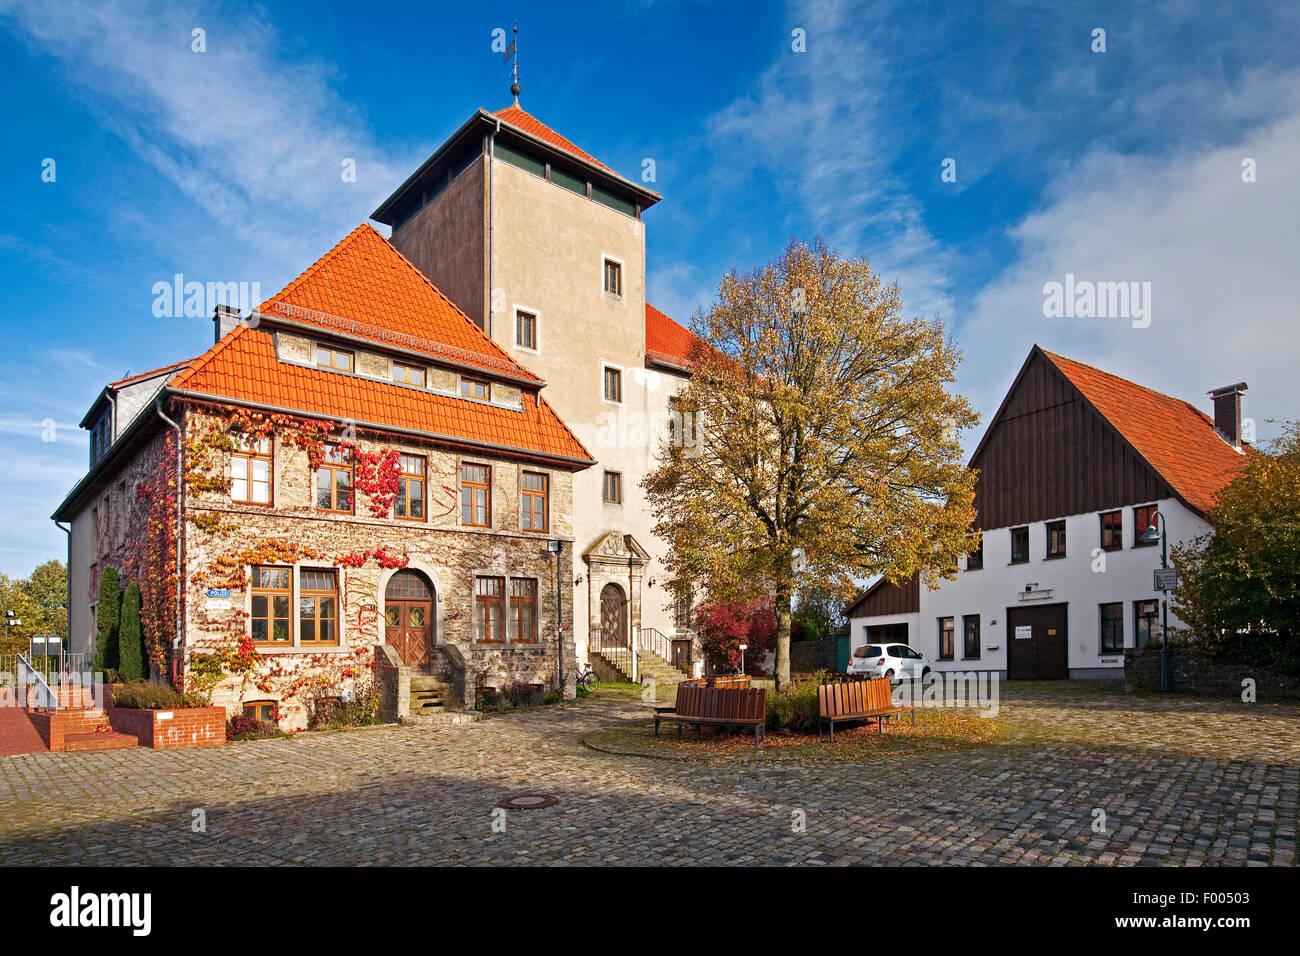 Horn Castle, Germany, North Rhine-Westphalia, East Westphalia, Horn-Bad Meinberg - Stock Image